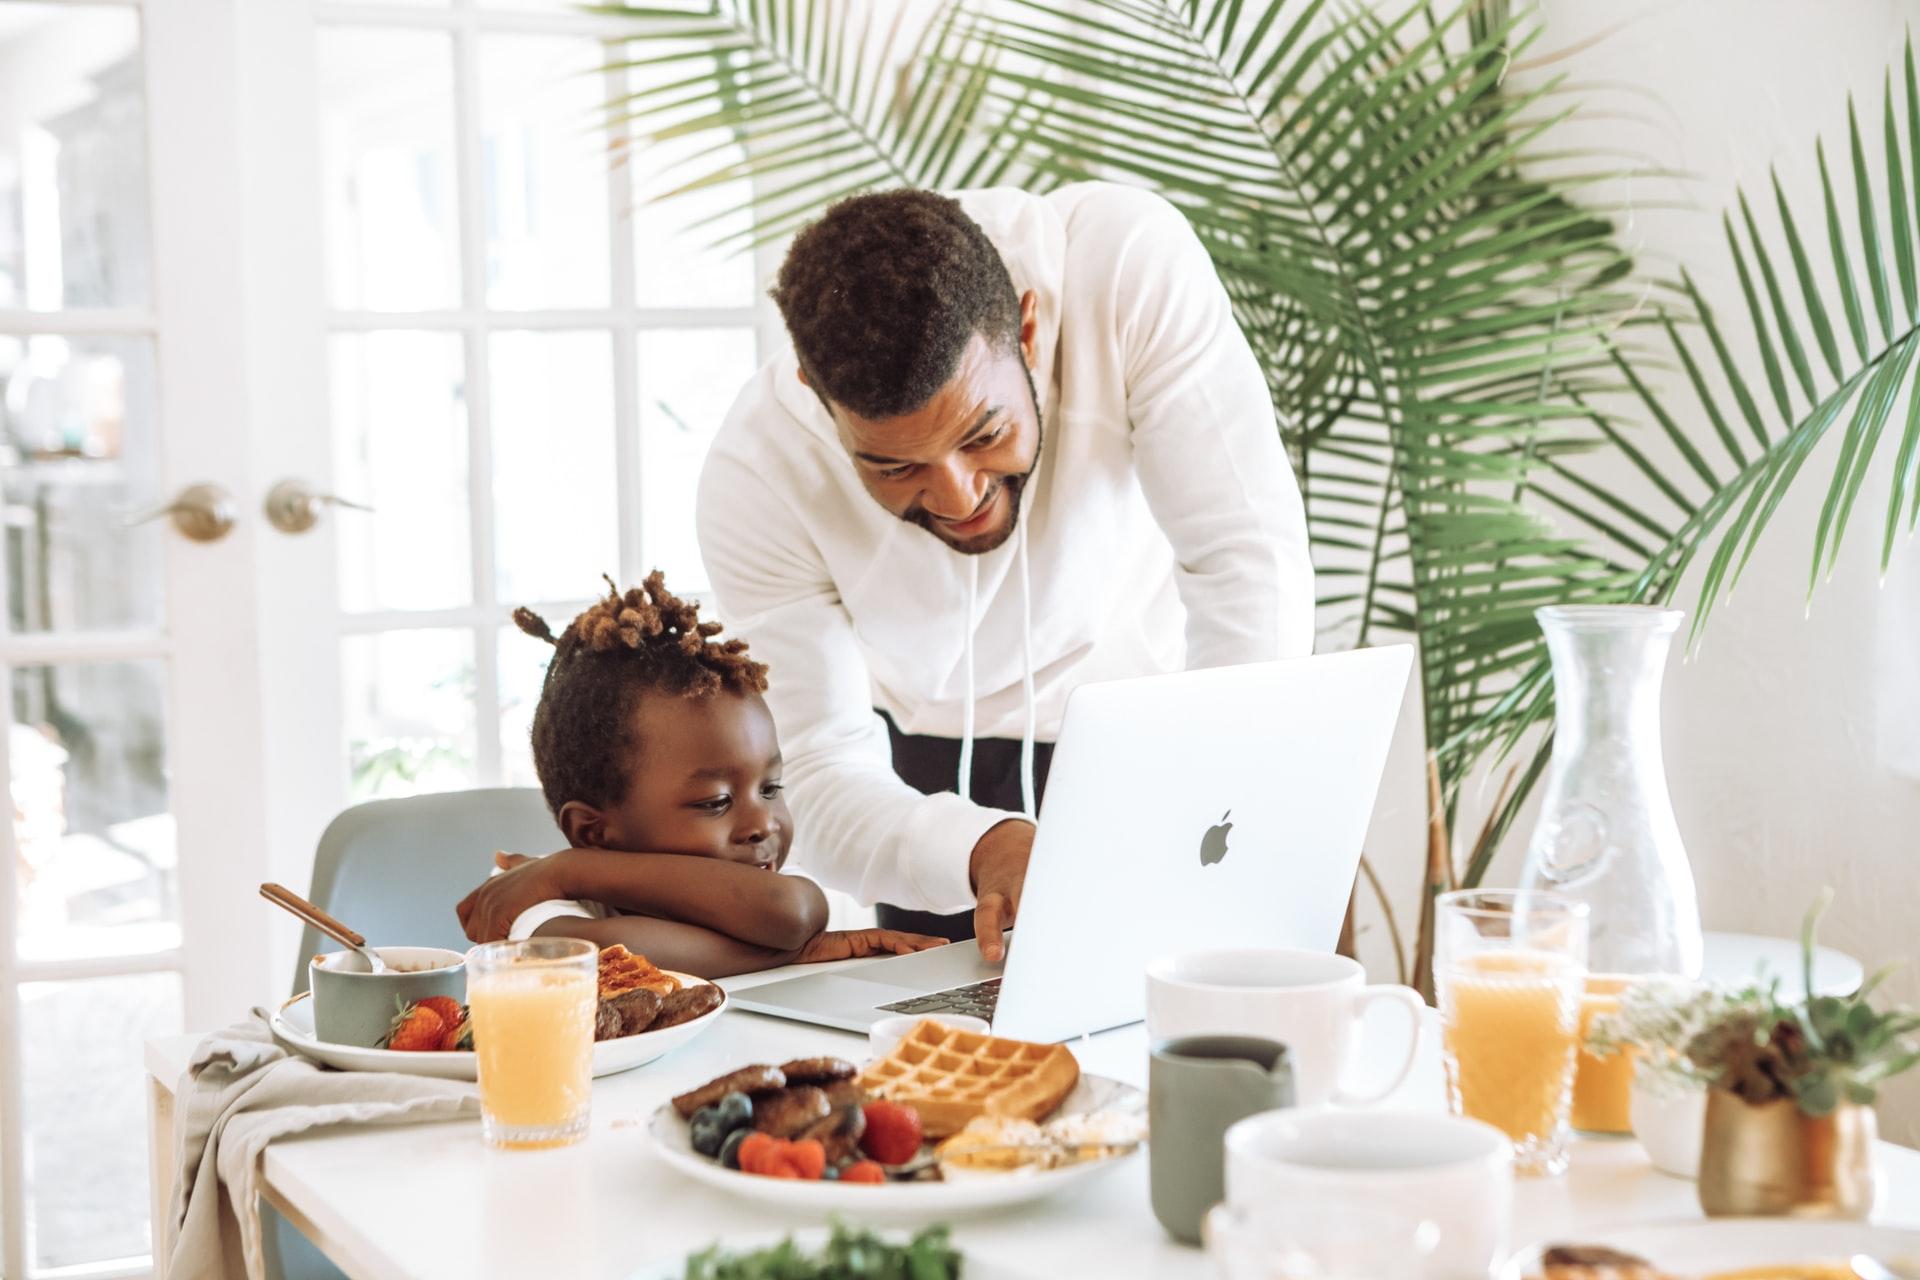 6 Great Ideas To Start A Side Hustle Online